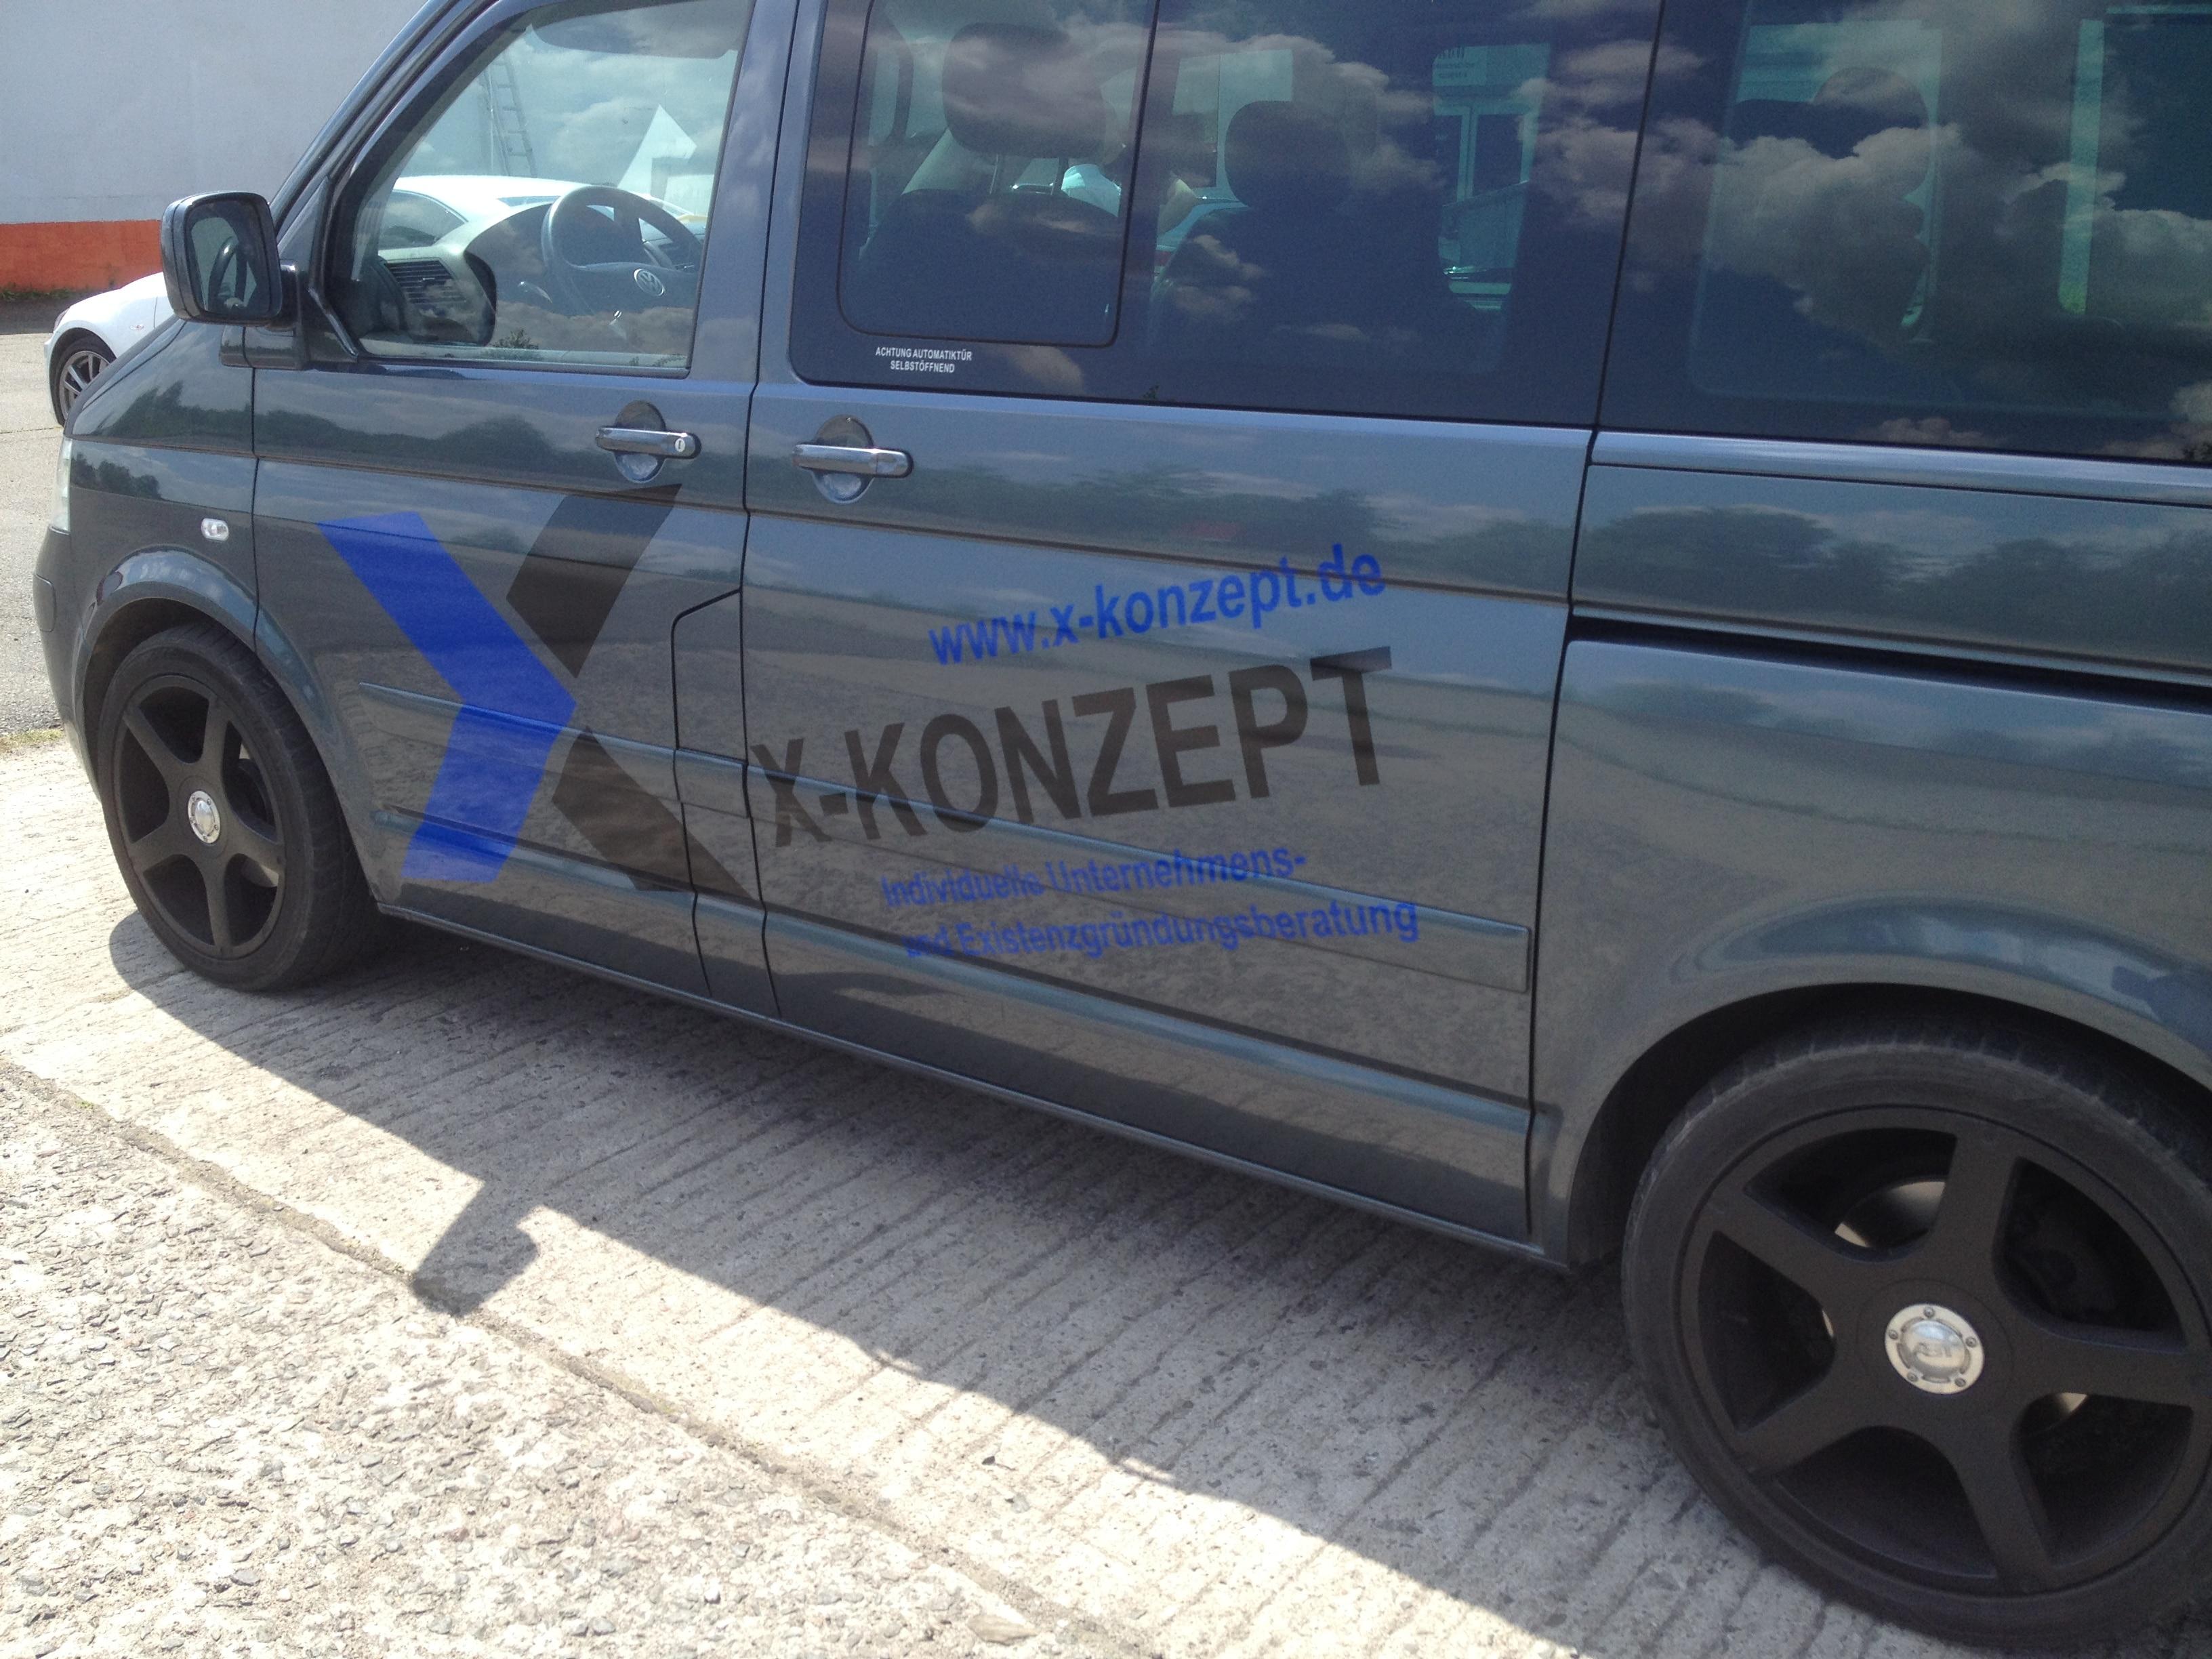 Ein Beispiel für operatives Marketing anhand von Fahrzeugwerbung.